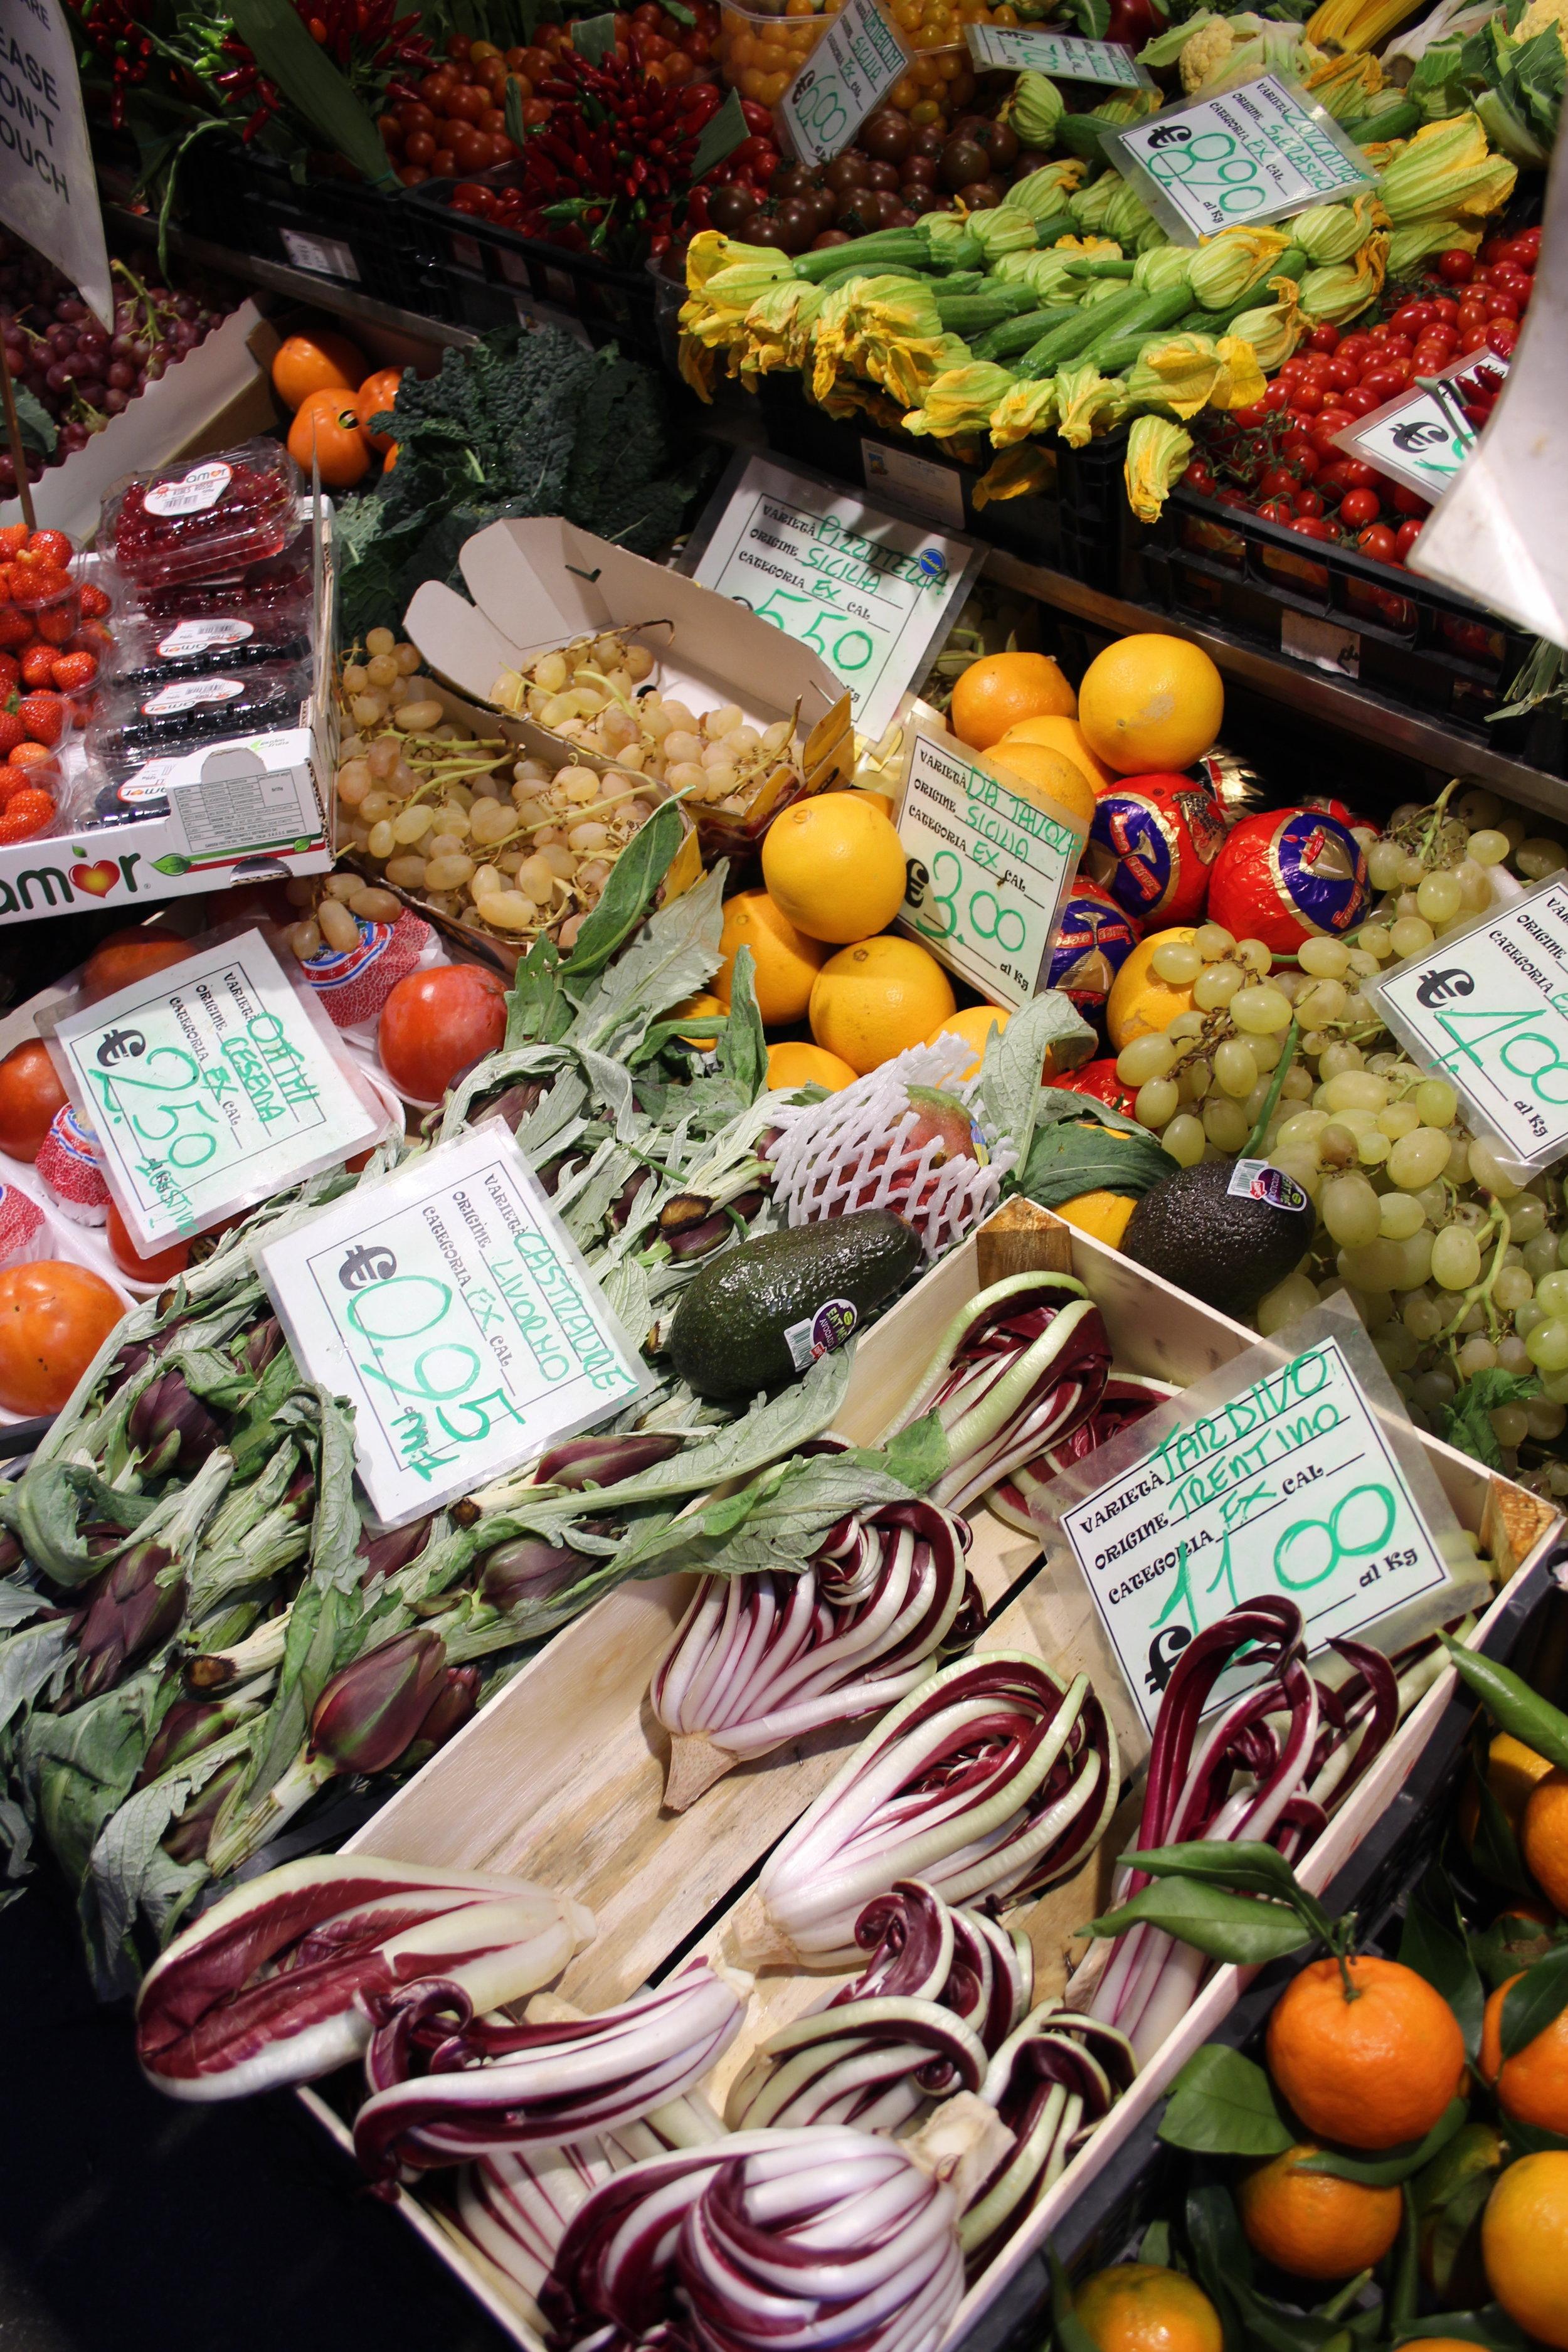 Some seasonal veggies I spotted in Venice